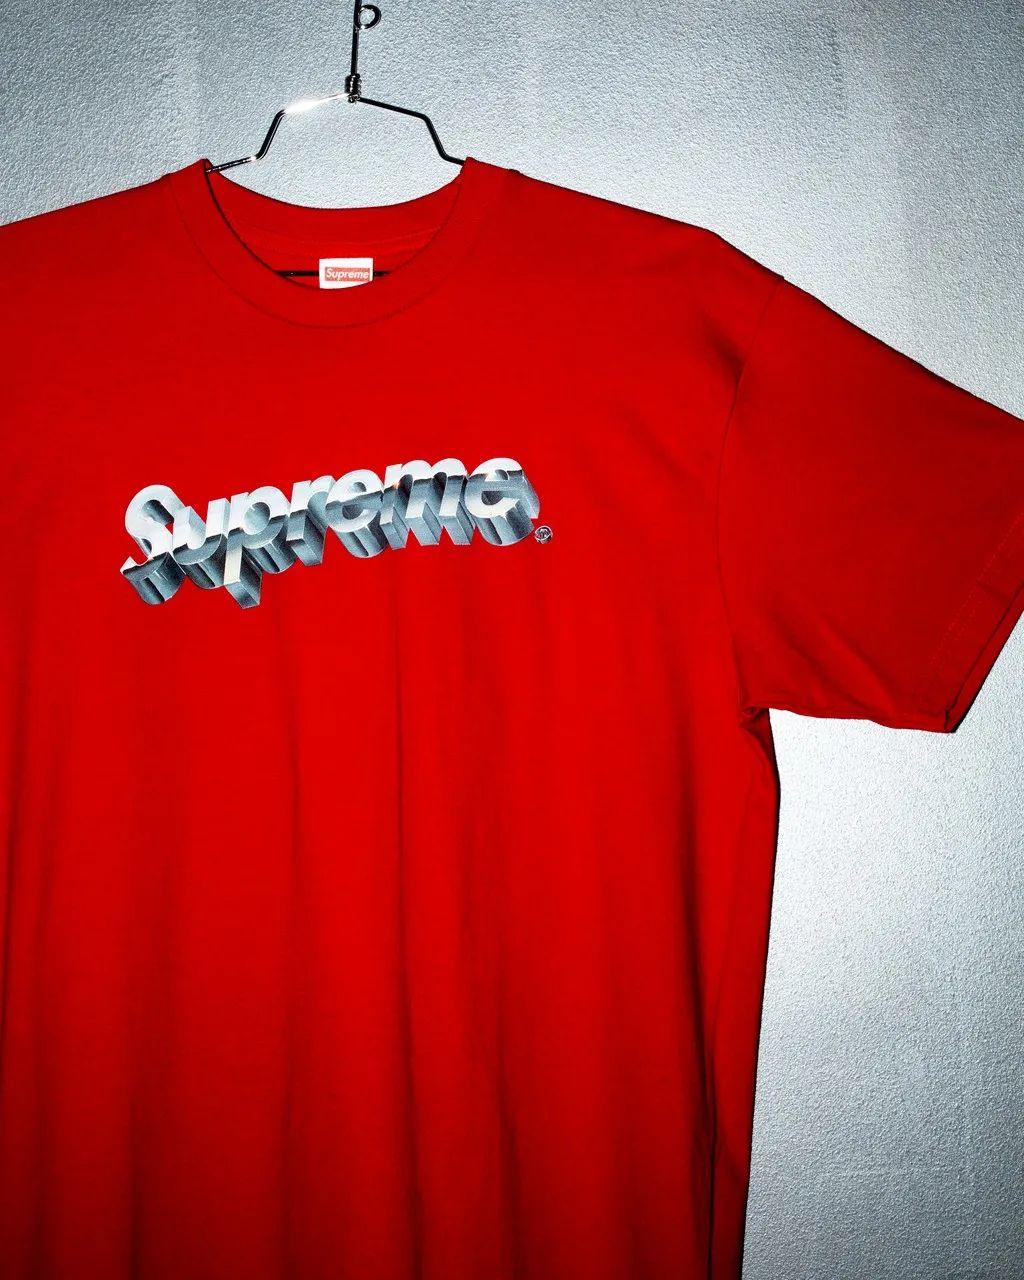 看不懂!温哥华小哥的T恤估价200万美金?!